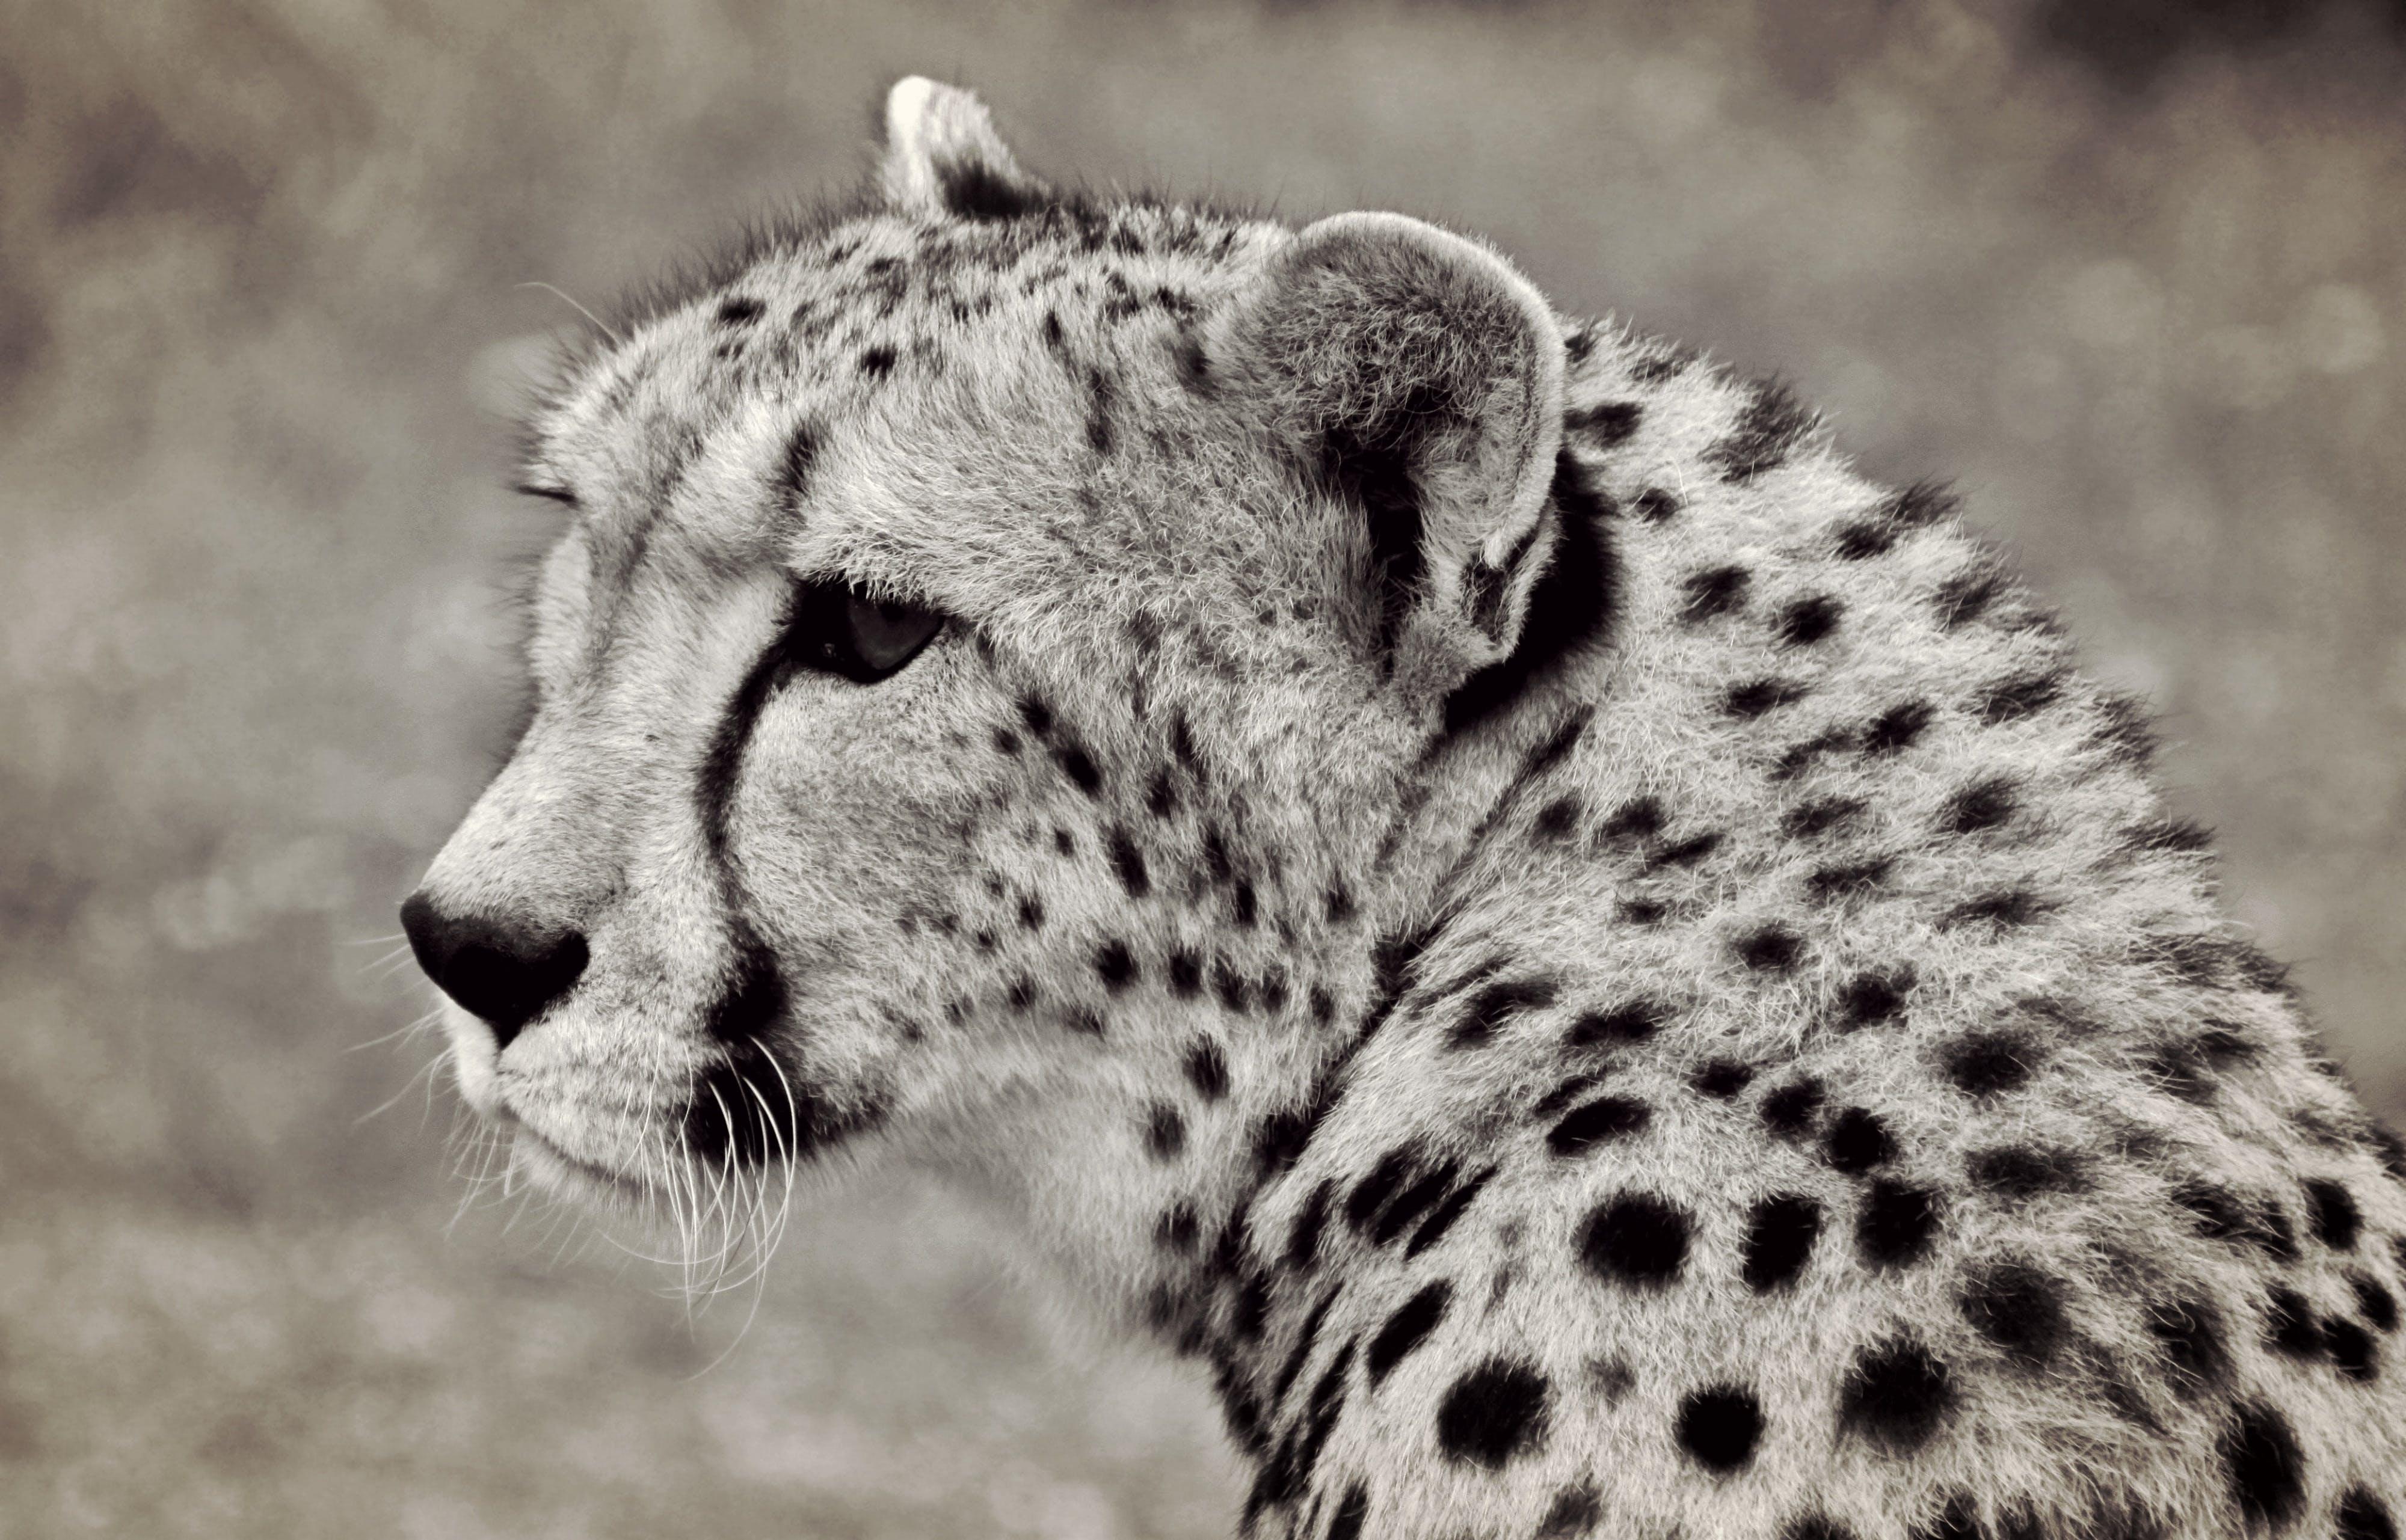 Gray and Black Cheetah